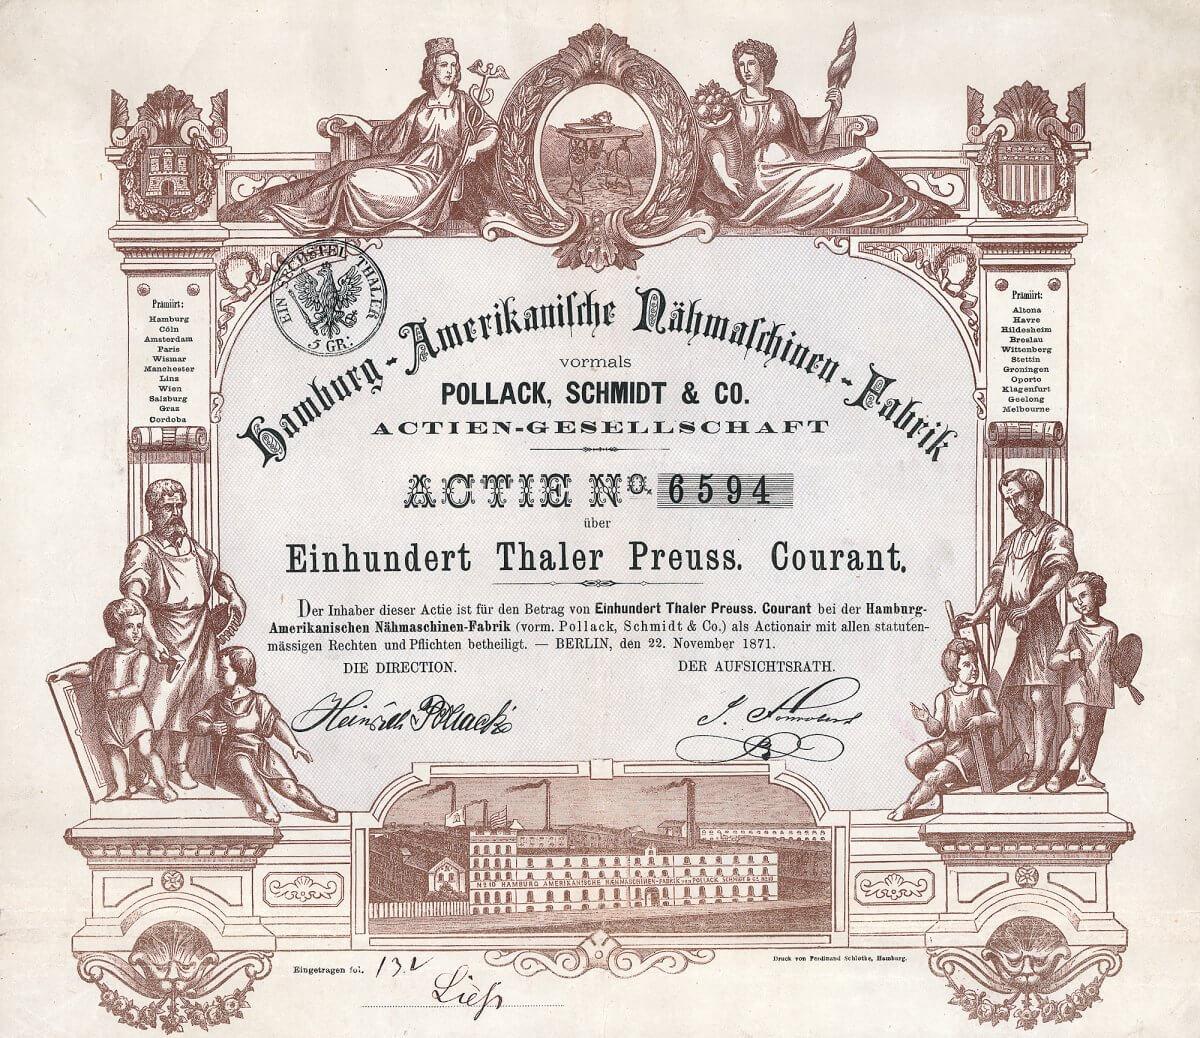 Hamburg-Amerikanische Nähmaschinen-Fabrik vormals Pollack, Schmidt & Co. AG, Berlin, Gründeraktie über 200 Taler von 1871.